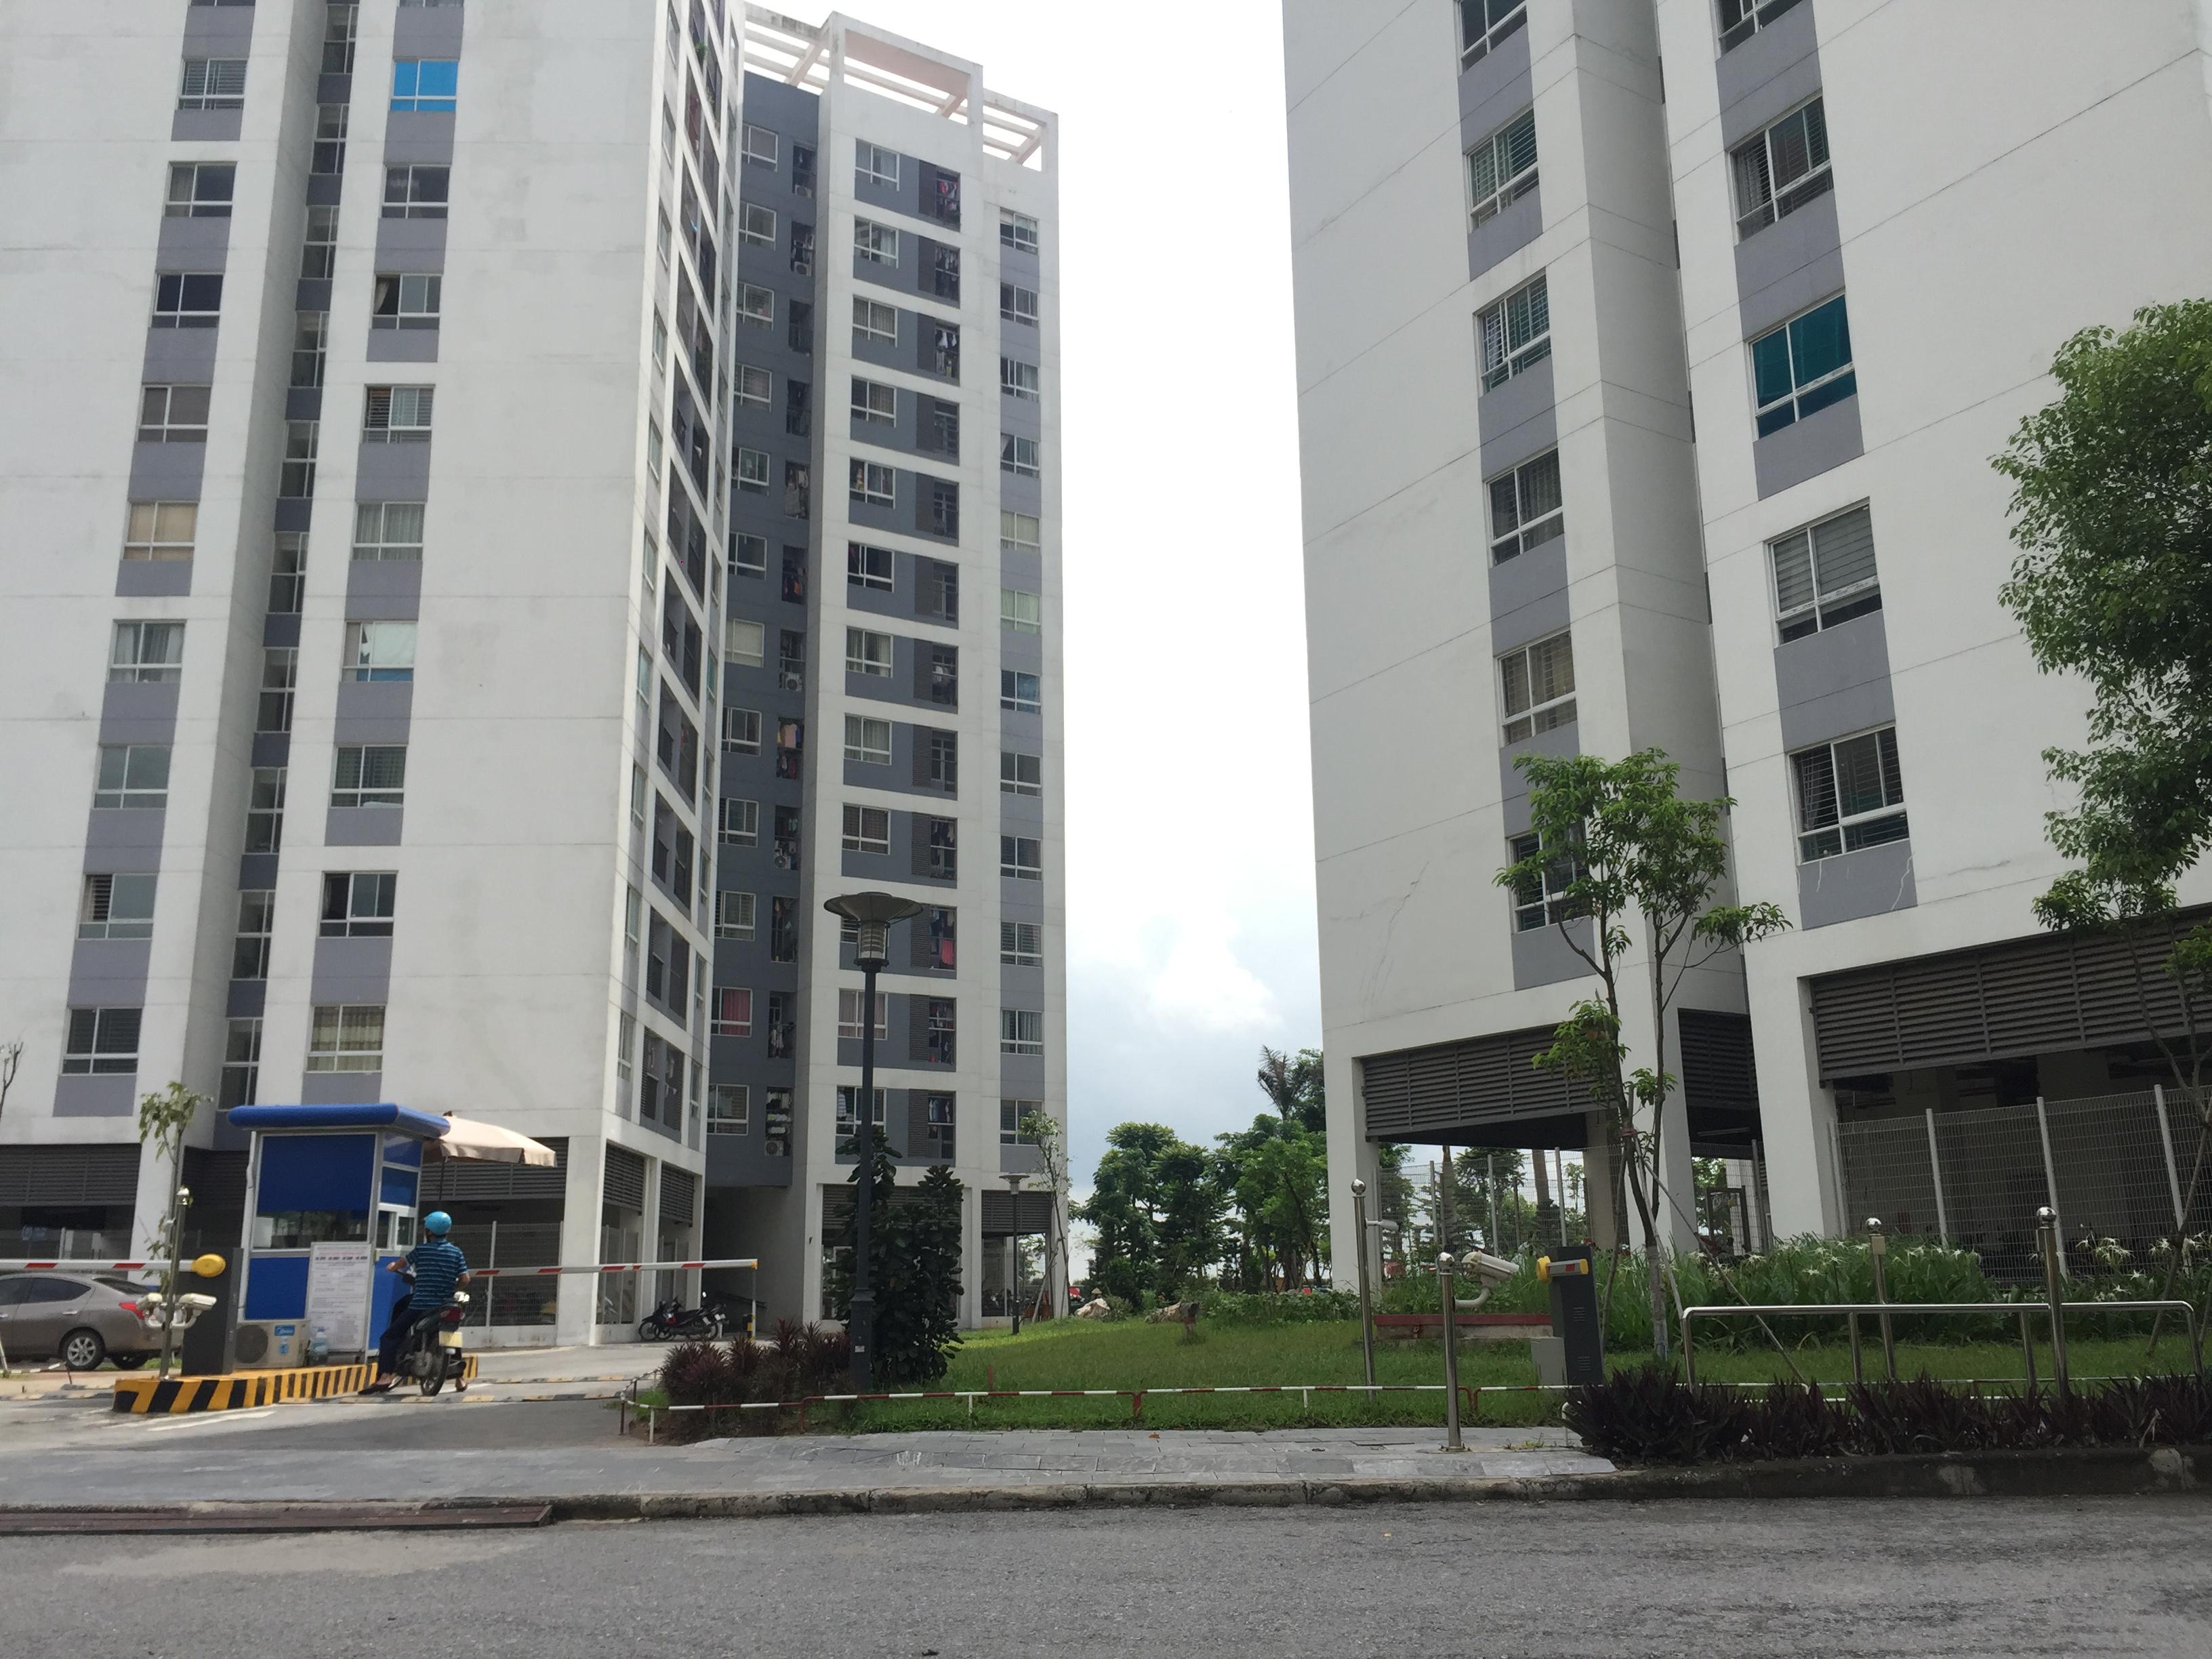 Khu tòa nhà CT15 - CT16 đã bàn giao và đưa vào sử dụng từ tháng 12 năm 2015